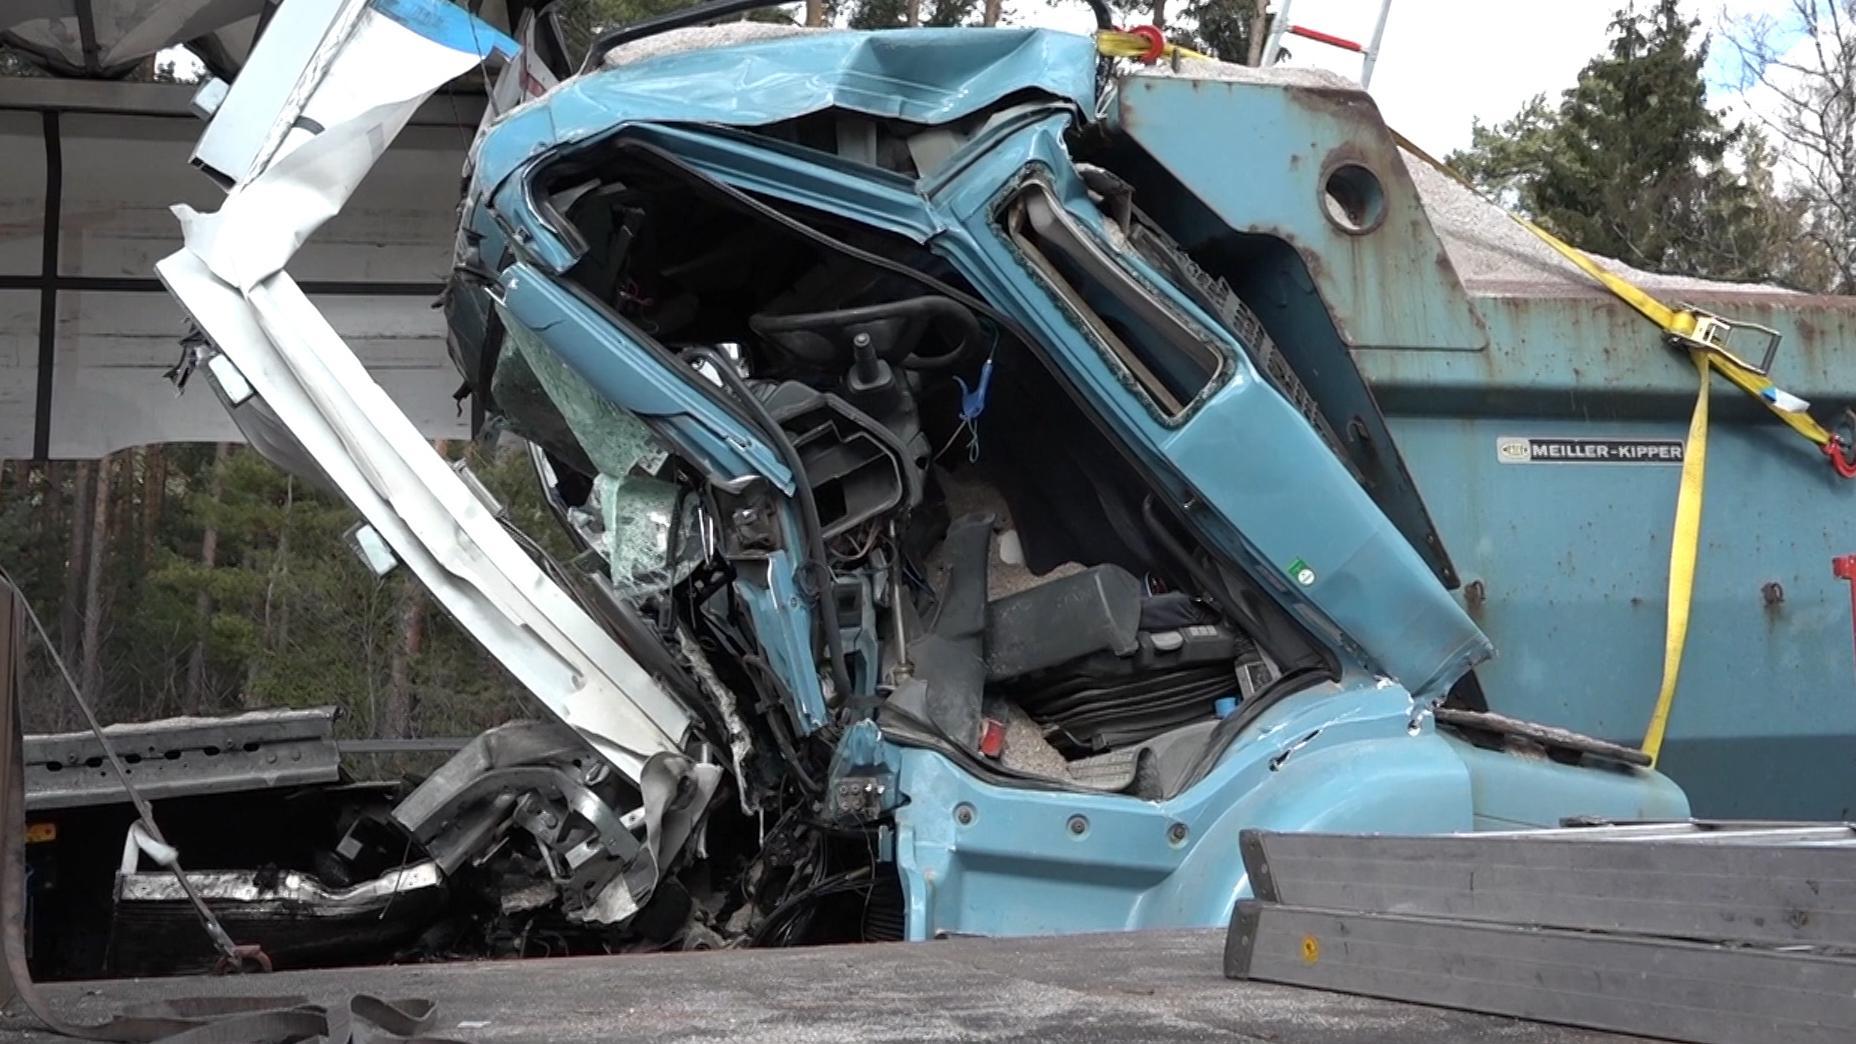 Bei einem schweren LKW-Unfall auf der A6 bei Roth in Mittelfranken wurden heute insgesamt drei Menschen verletzt, zwei davon schwer.